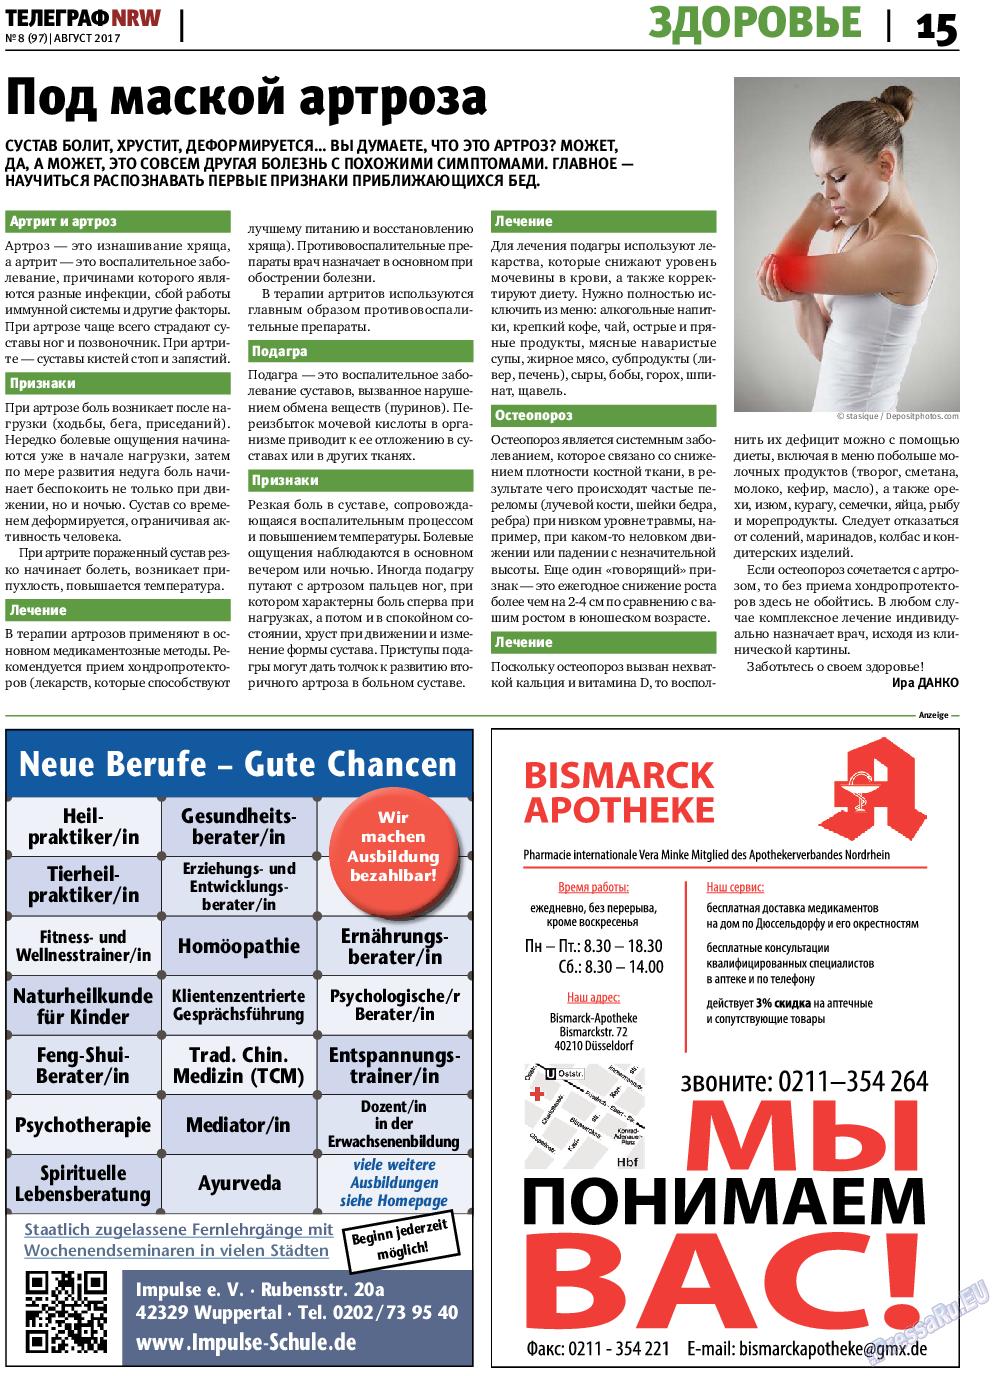 Телеграф NRW (газета). 2017 год, номер 8, стр. 15